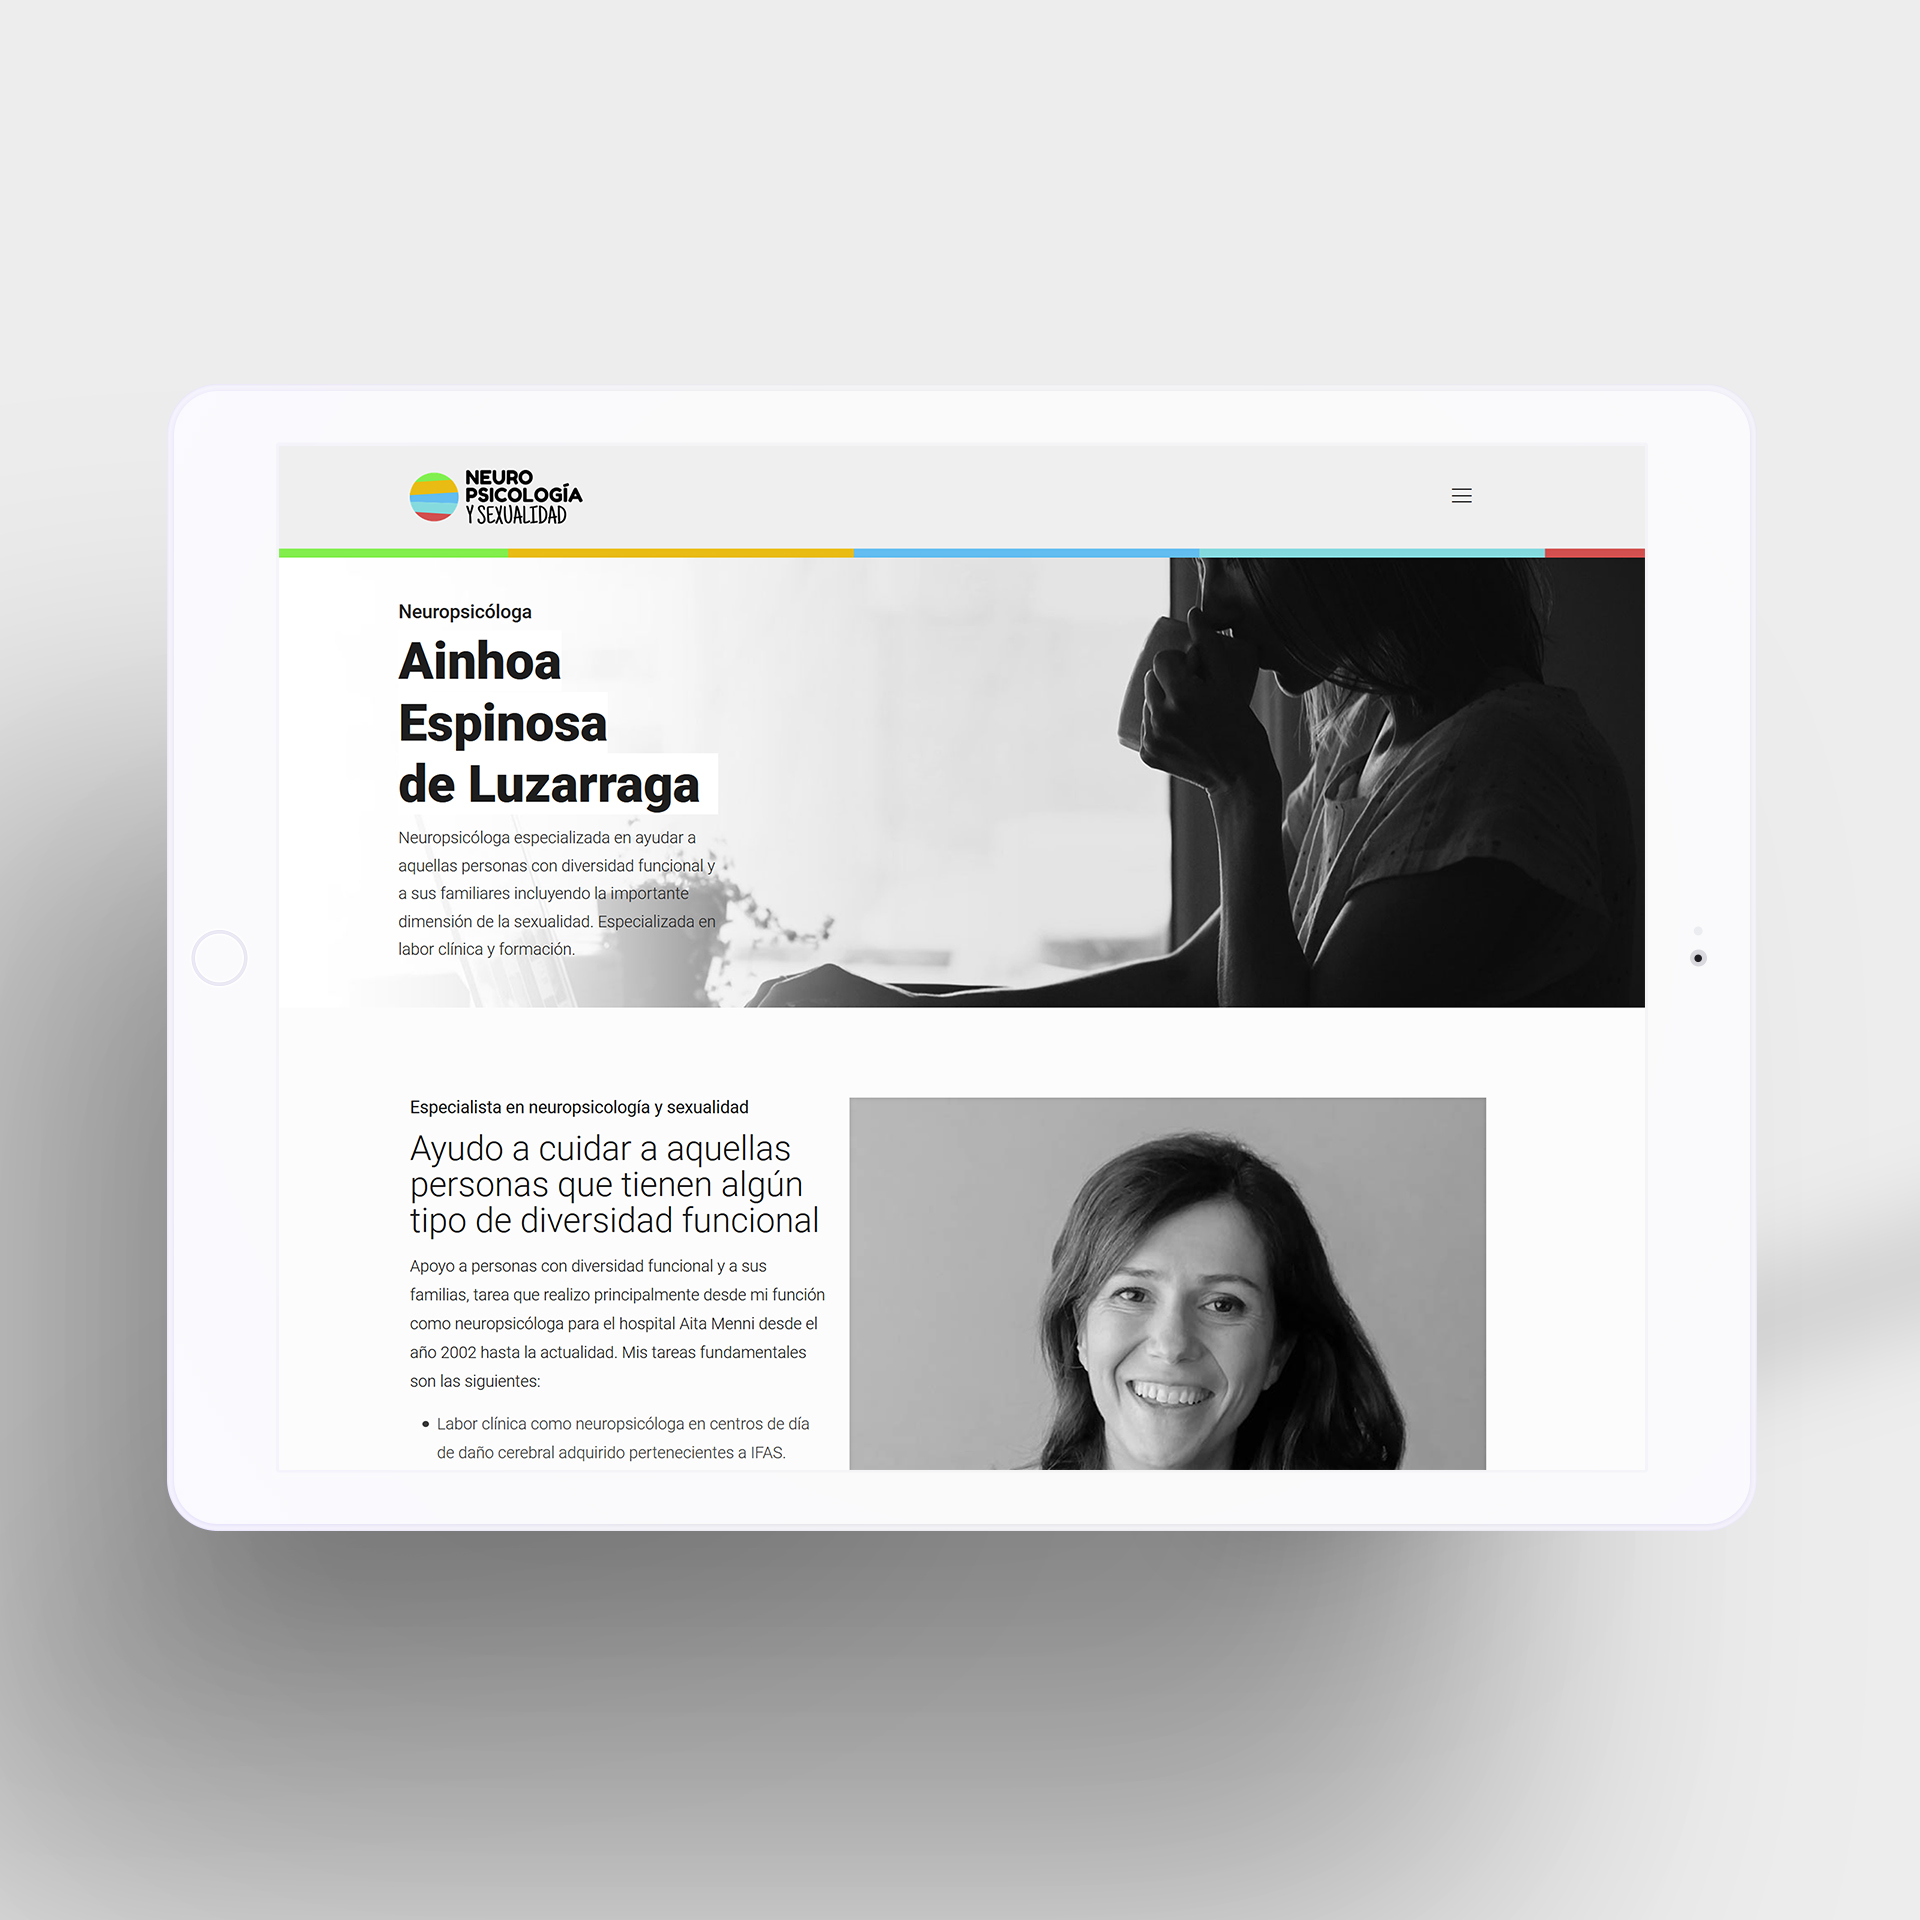 Mindgraphy. Diseño gráfico, ilustración e infografía, desarrollo de identidad visual y marca, creación de contenidos multicanal, storytelling...